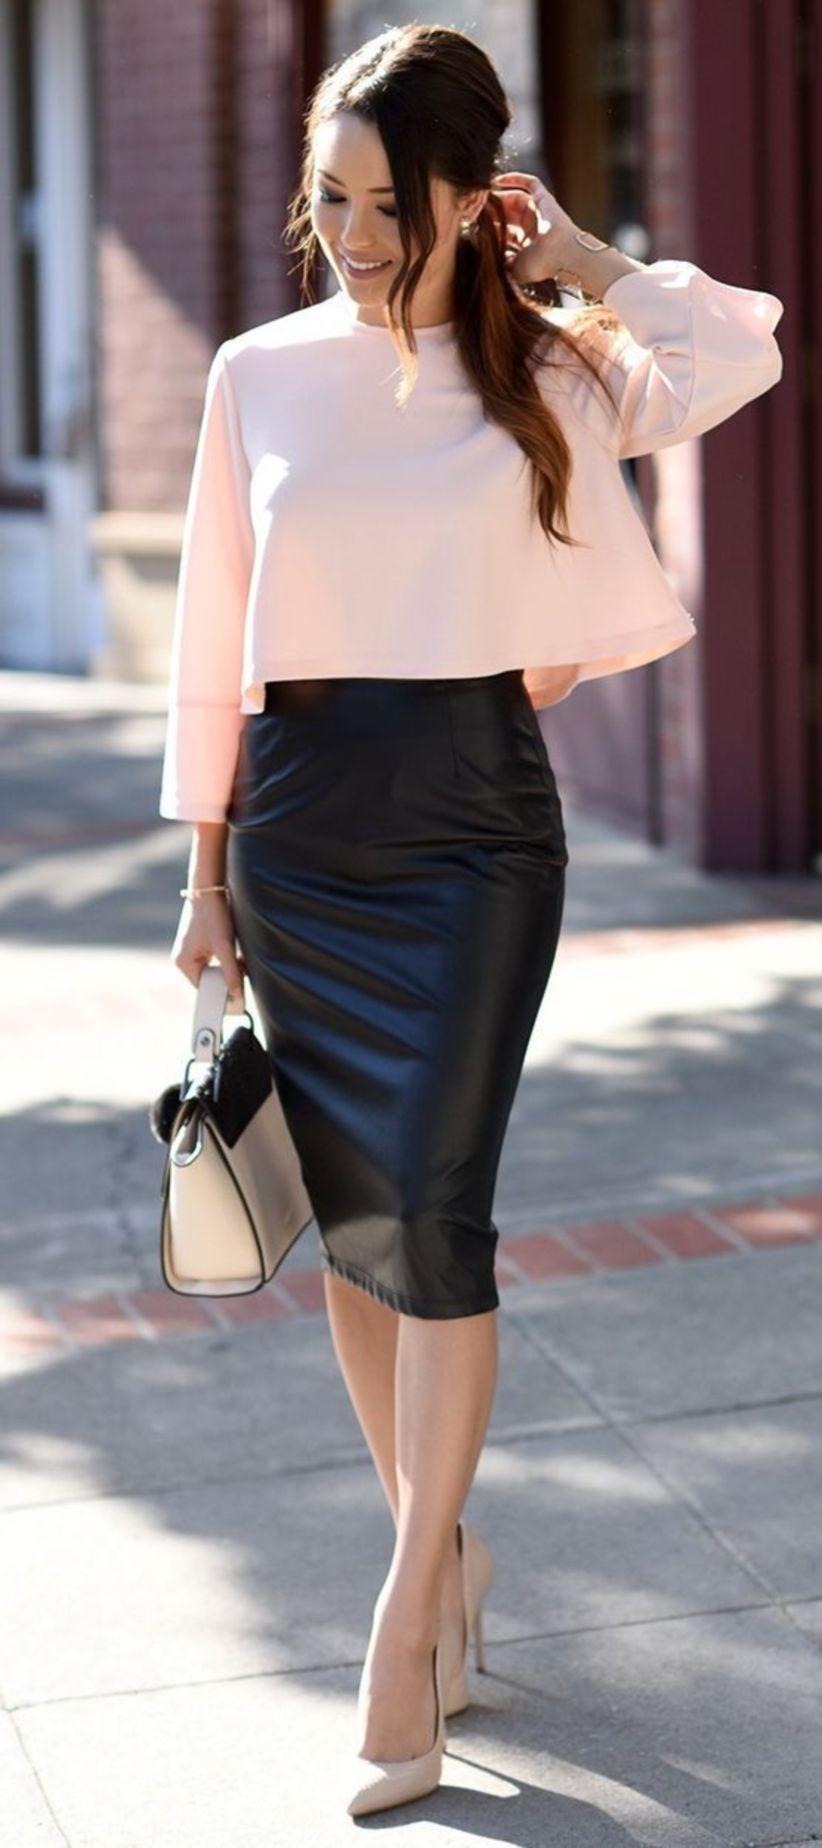 Que sencilla y bonita | Moda, Moda estilo y Outfits con faldas